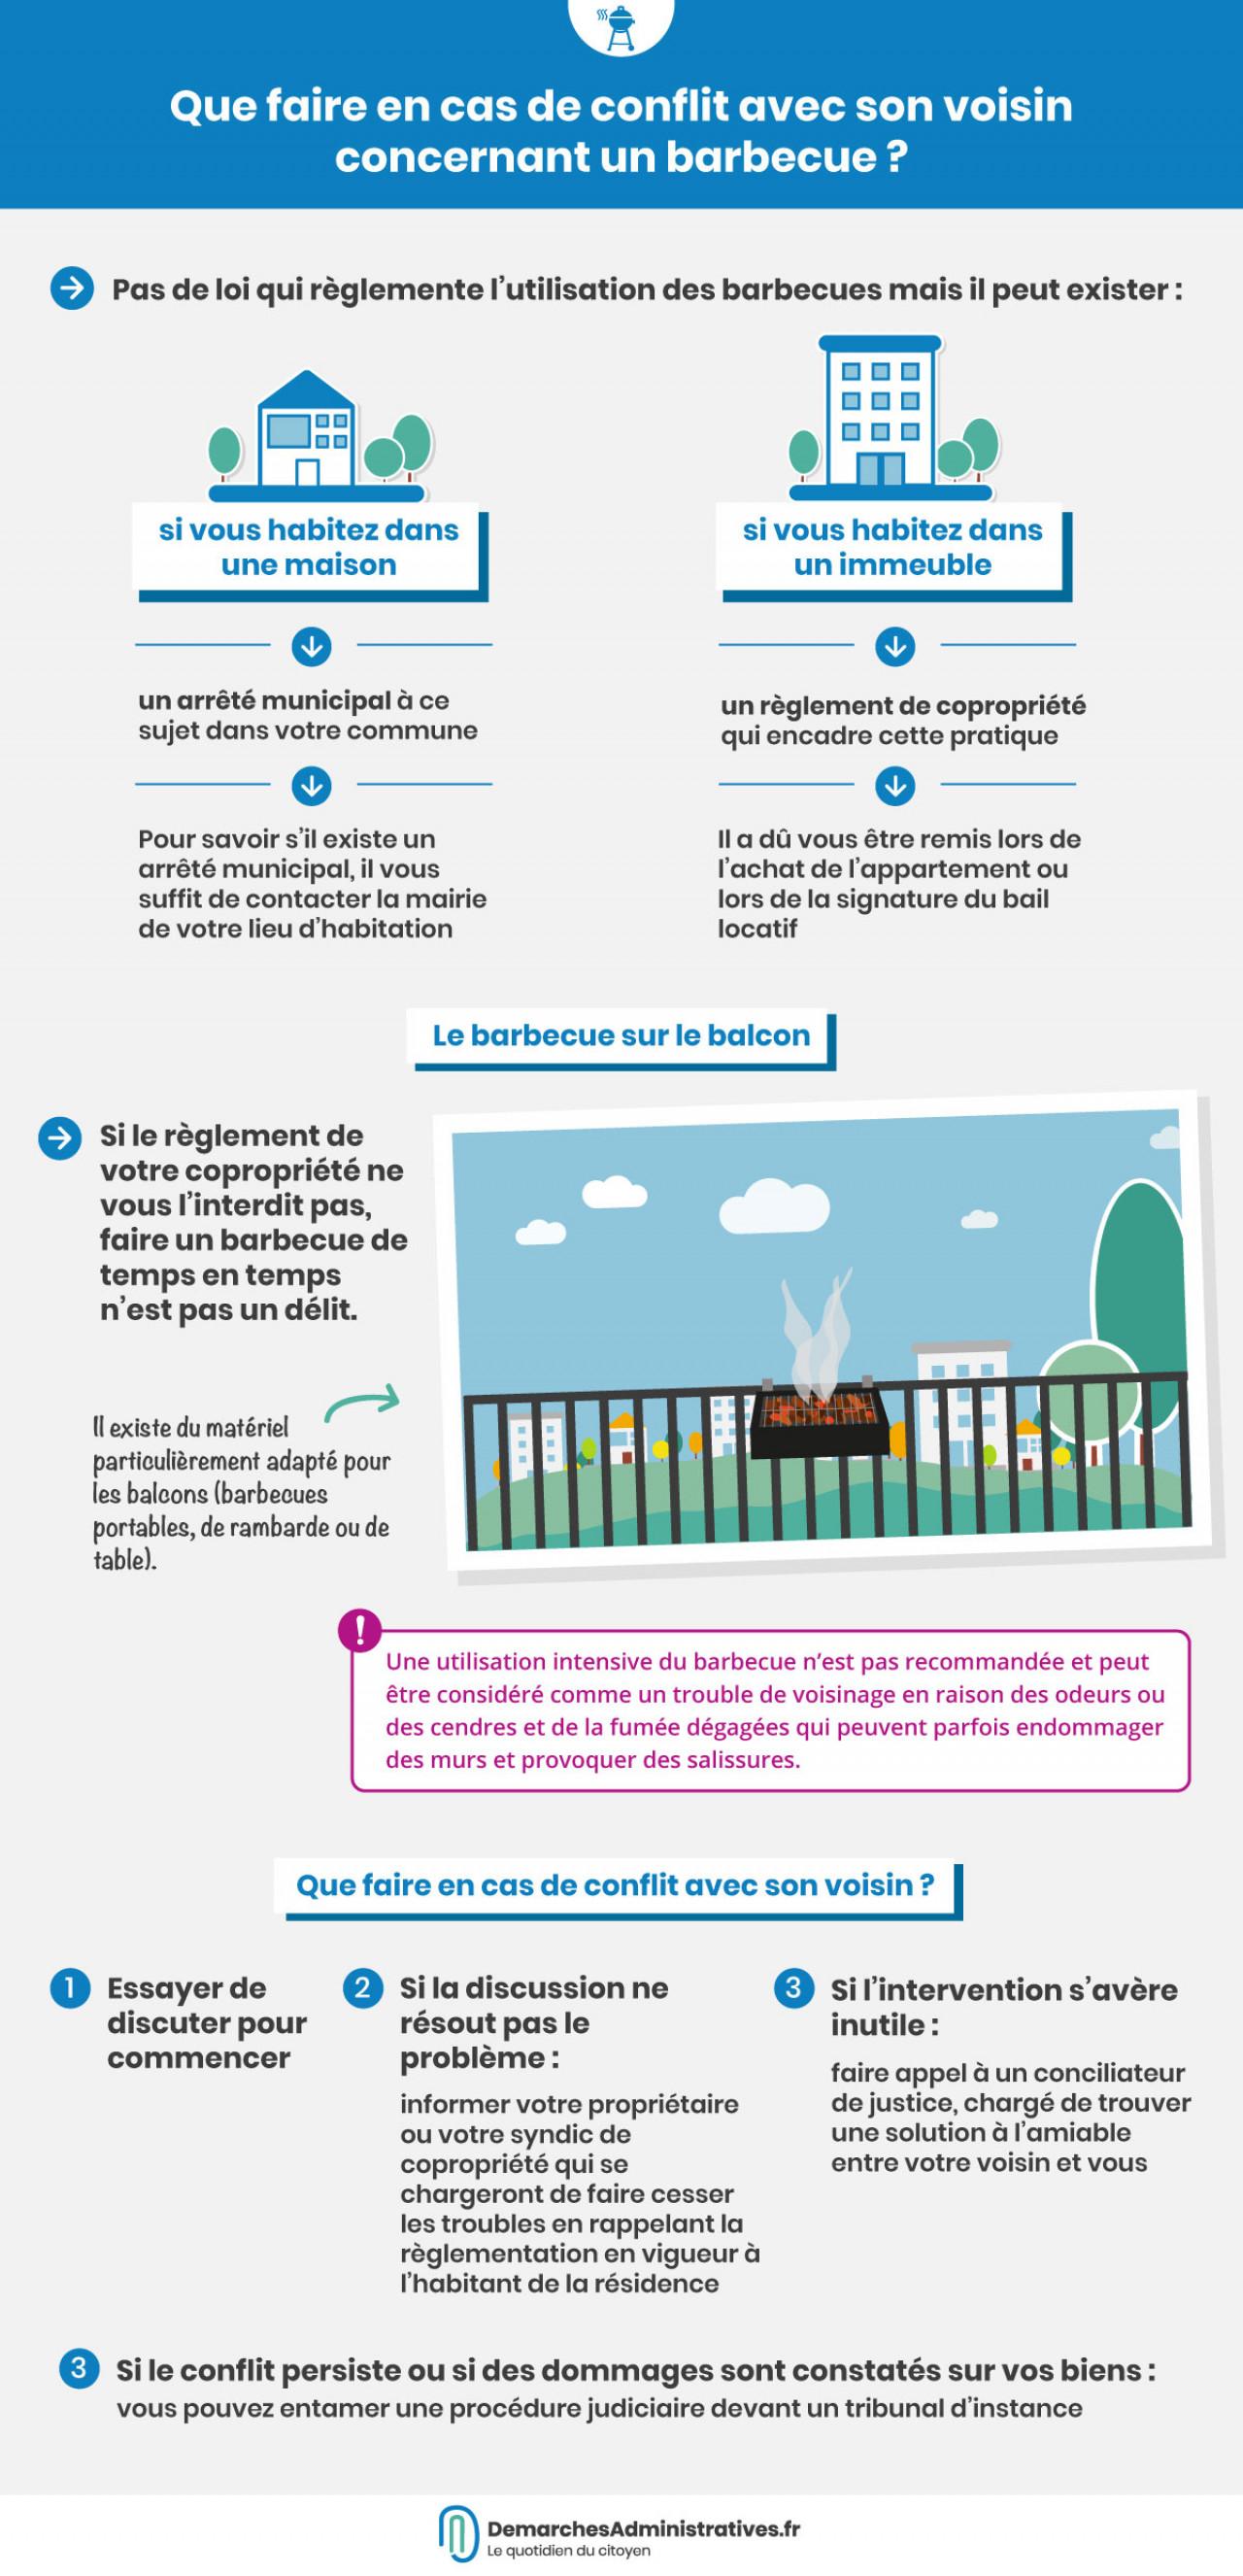 Que faire en cas de conflit avec son voisinconcernant un barbecue?